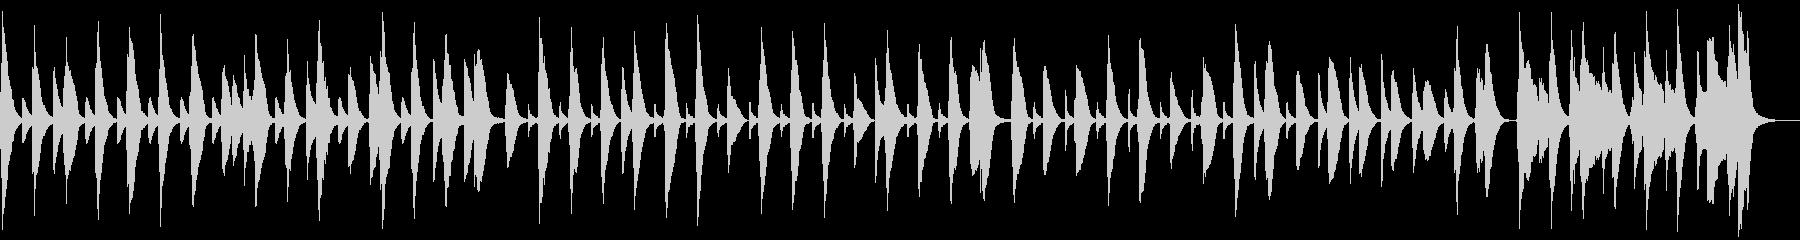 脱力・木琴とバスーンと笛のコミカル曲の未再生の波形